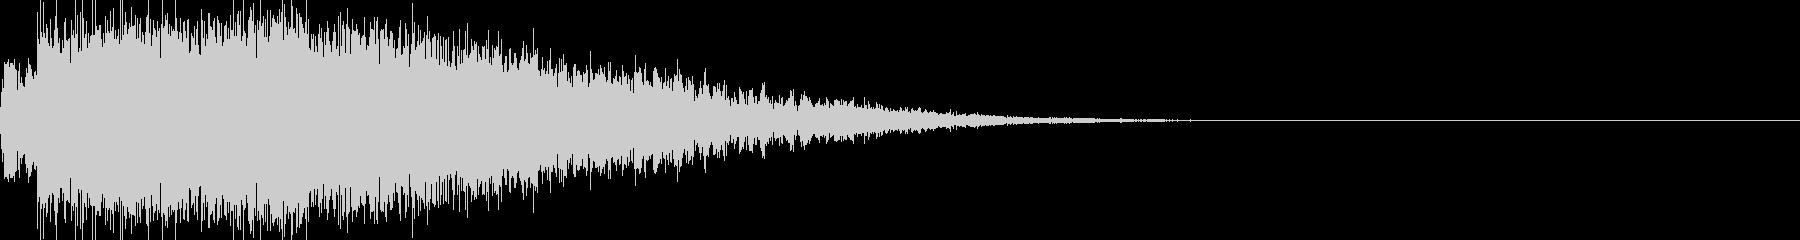 ガキーーーーン 刀の音の未再生の波形